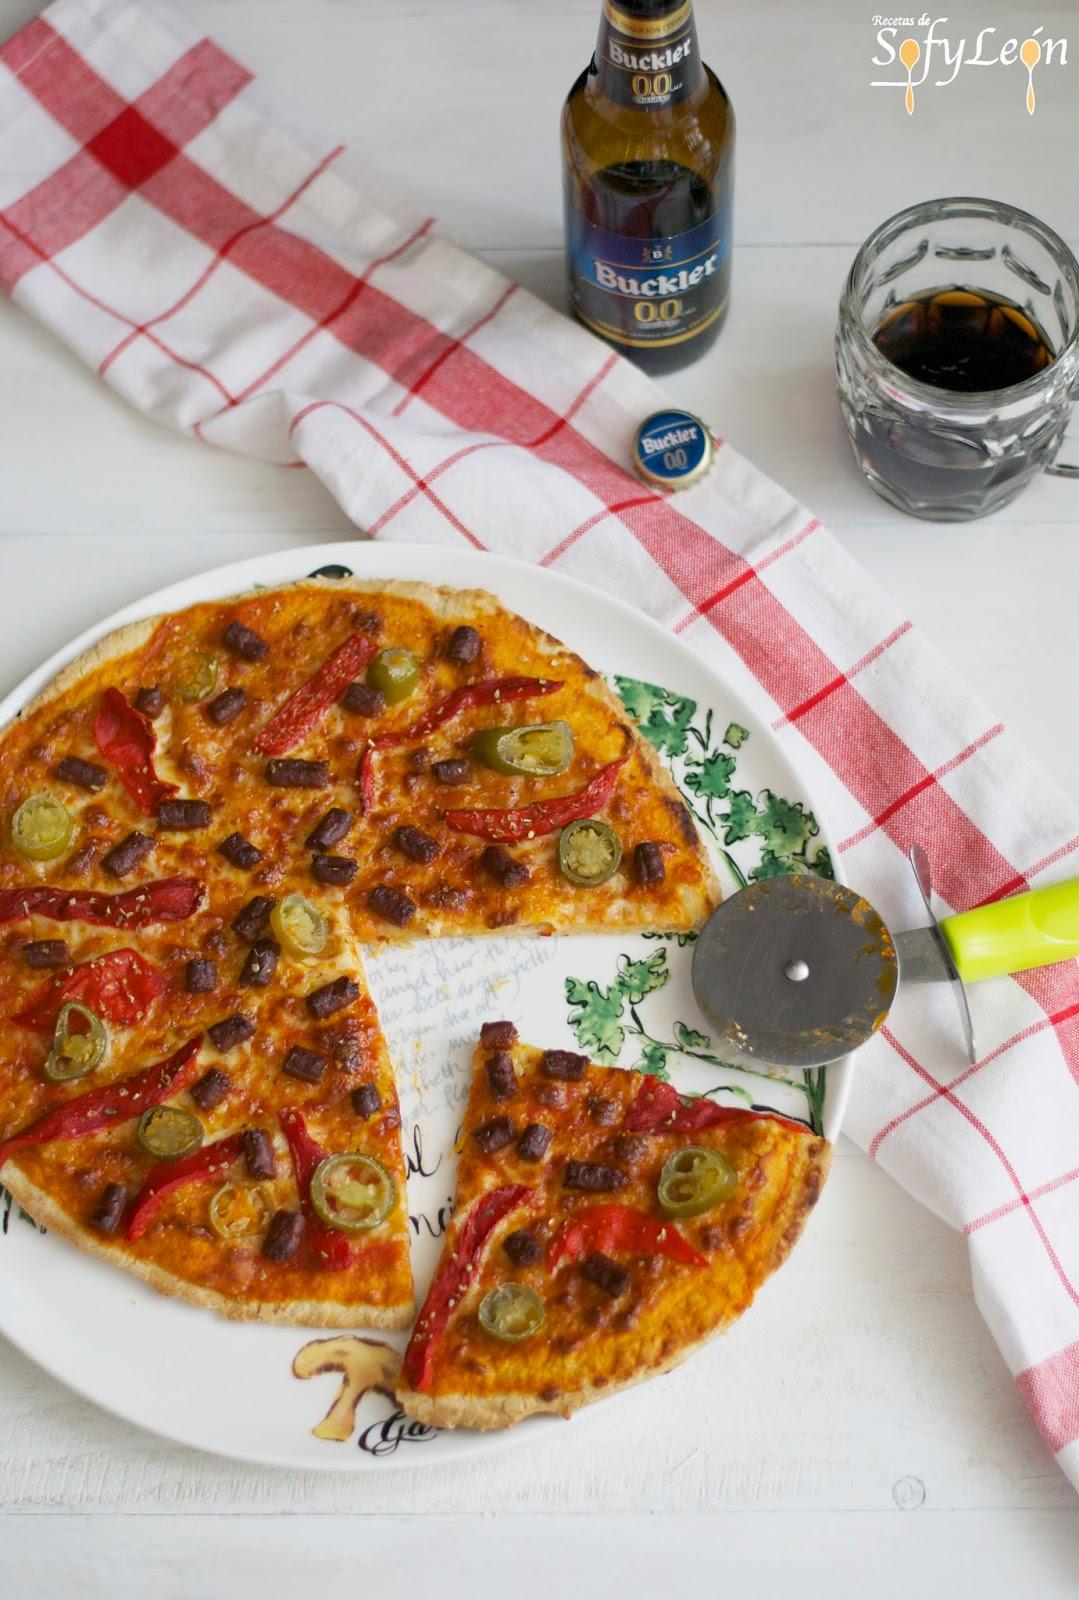 Receta de pizza con chorizo y jalapeños.